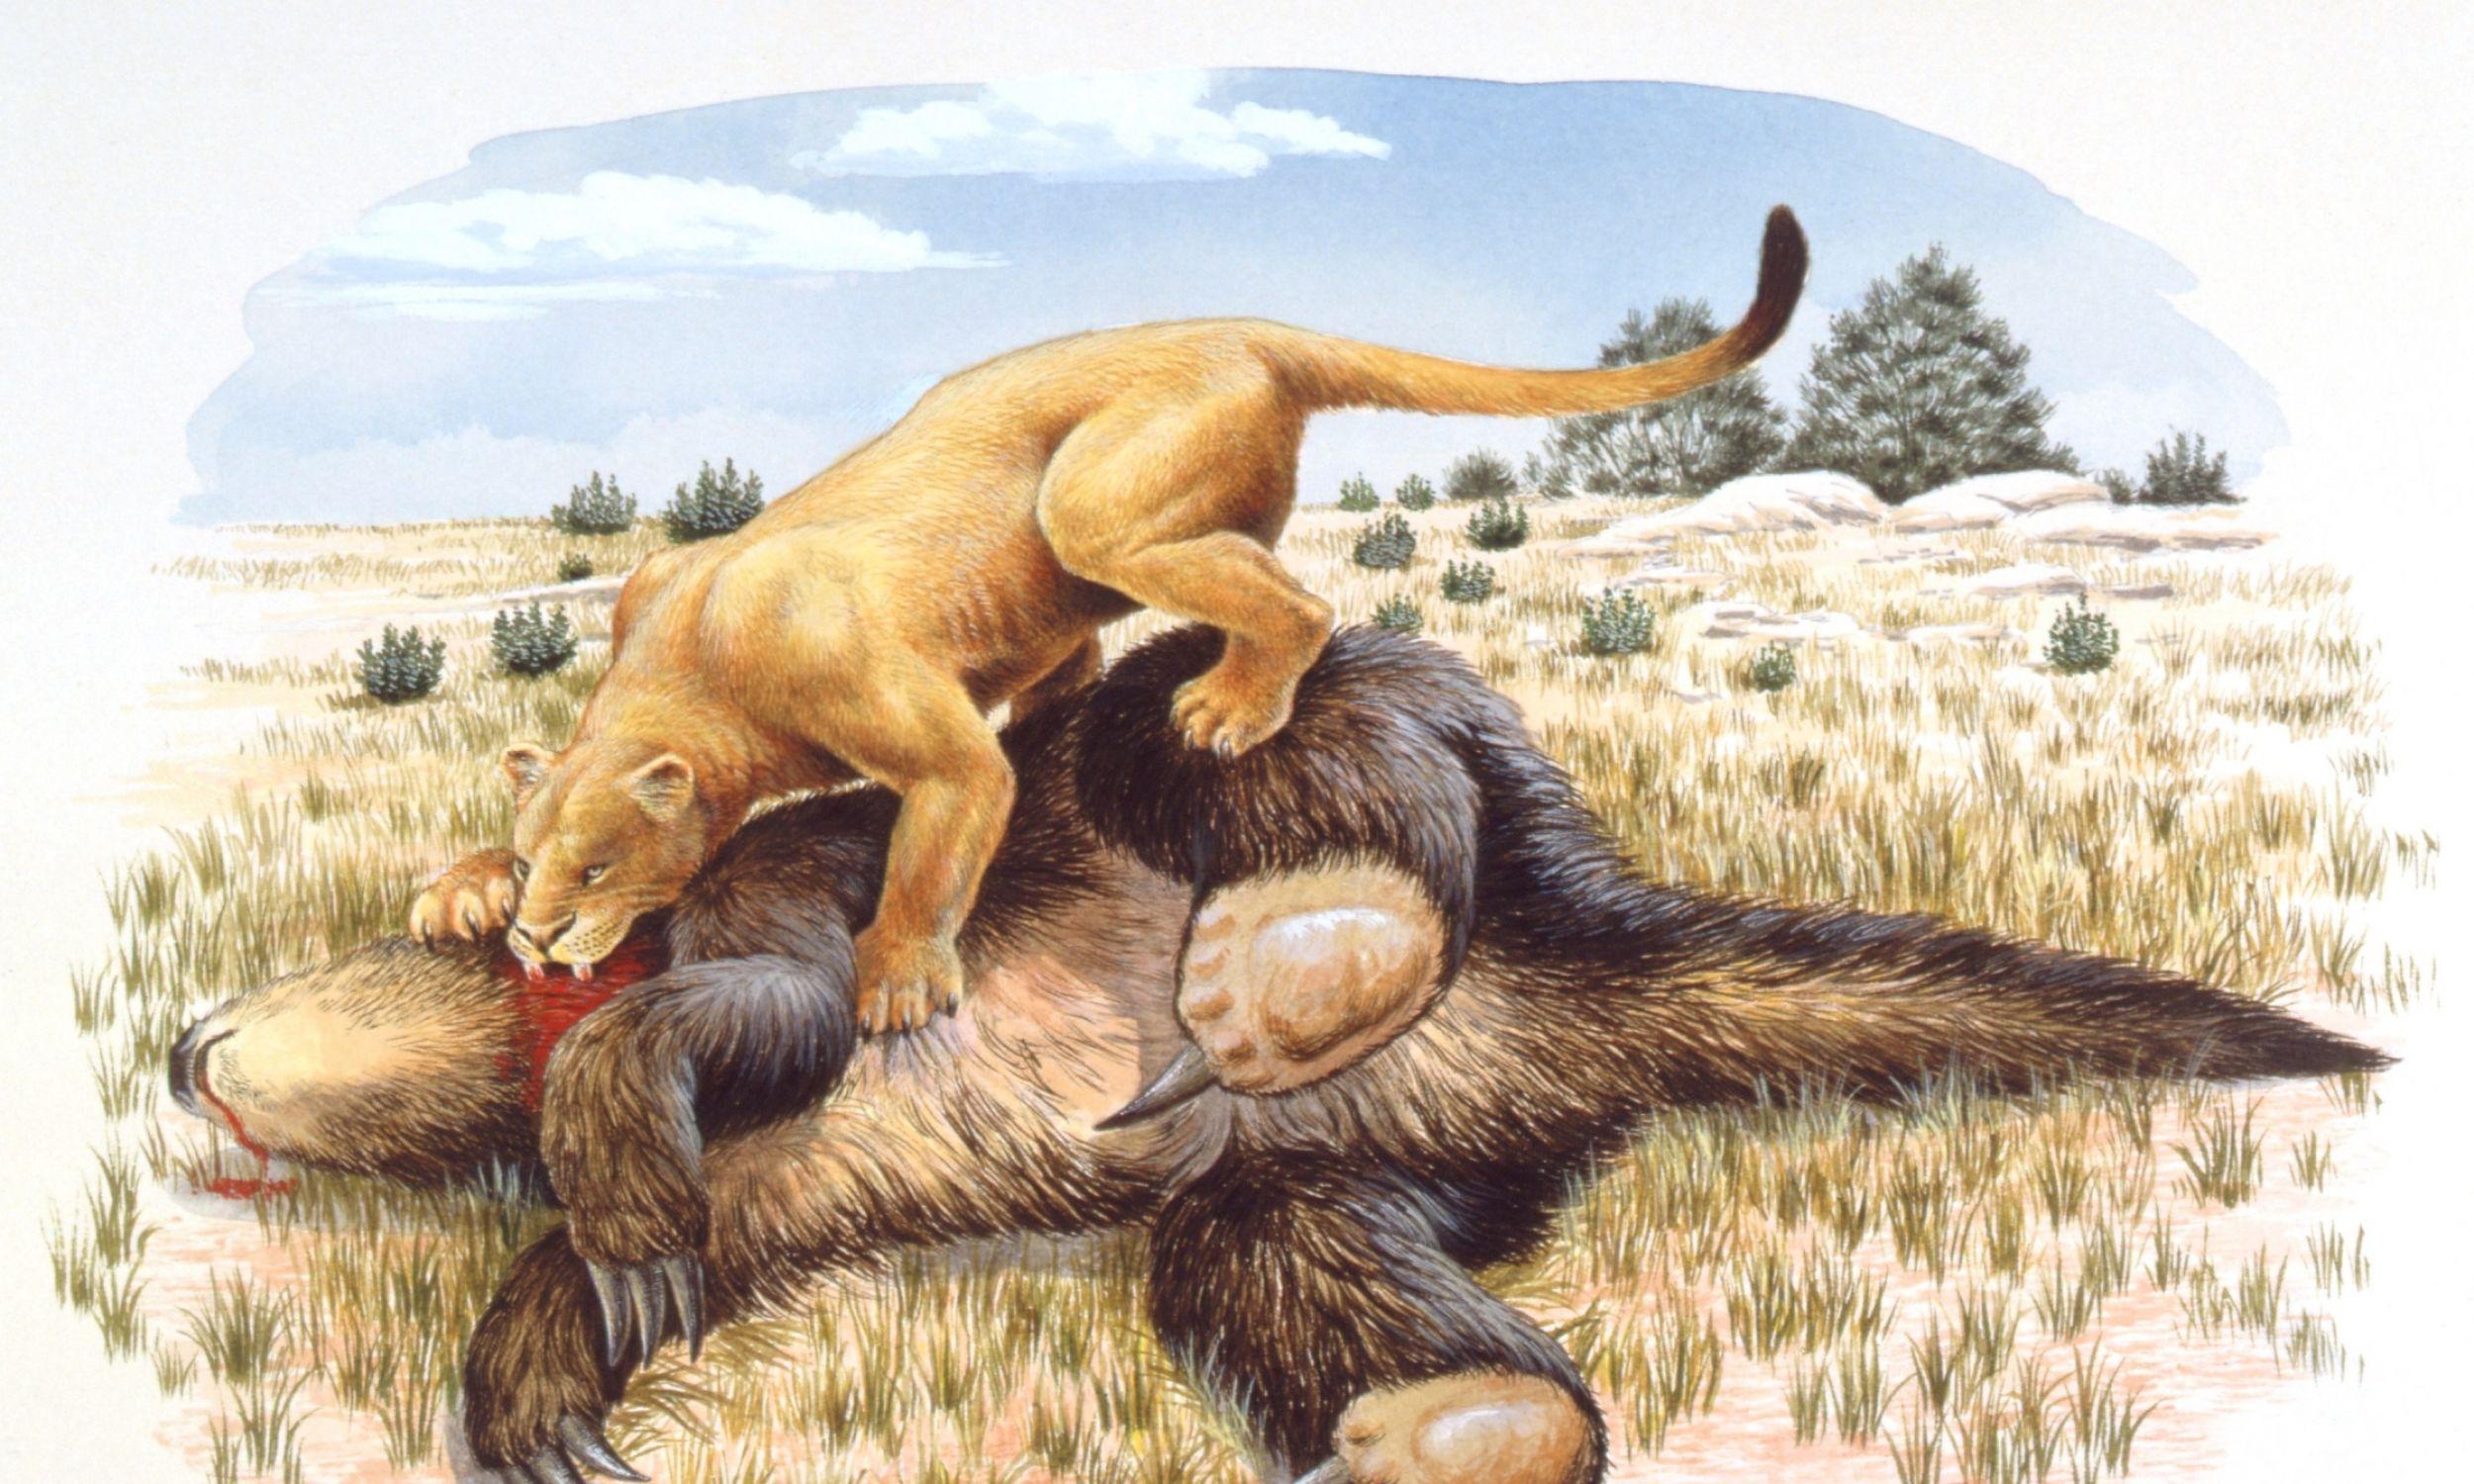 Ilustracja przedstawiające tygrysa szablo zębnego żywiącego się martwym leniwcem olbrzymim. Choć mogło też bywać odwrotnie – leniwiec nie gardził mięsem i był tak duży, że mógł powalić tygrysa. Fot. De Agostini via Getty Images